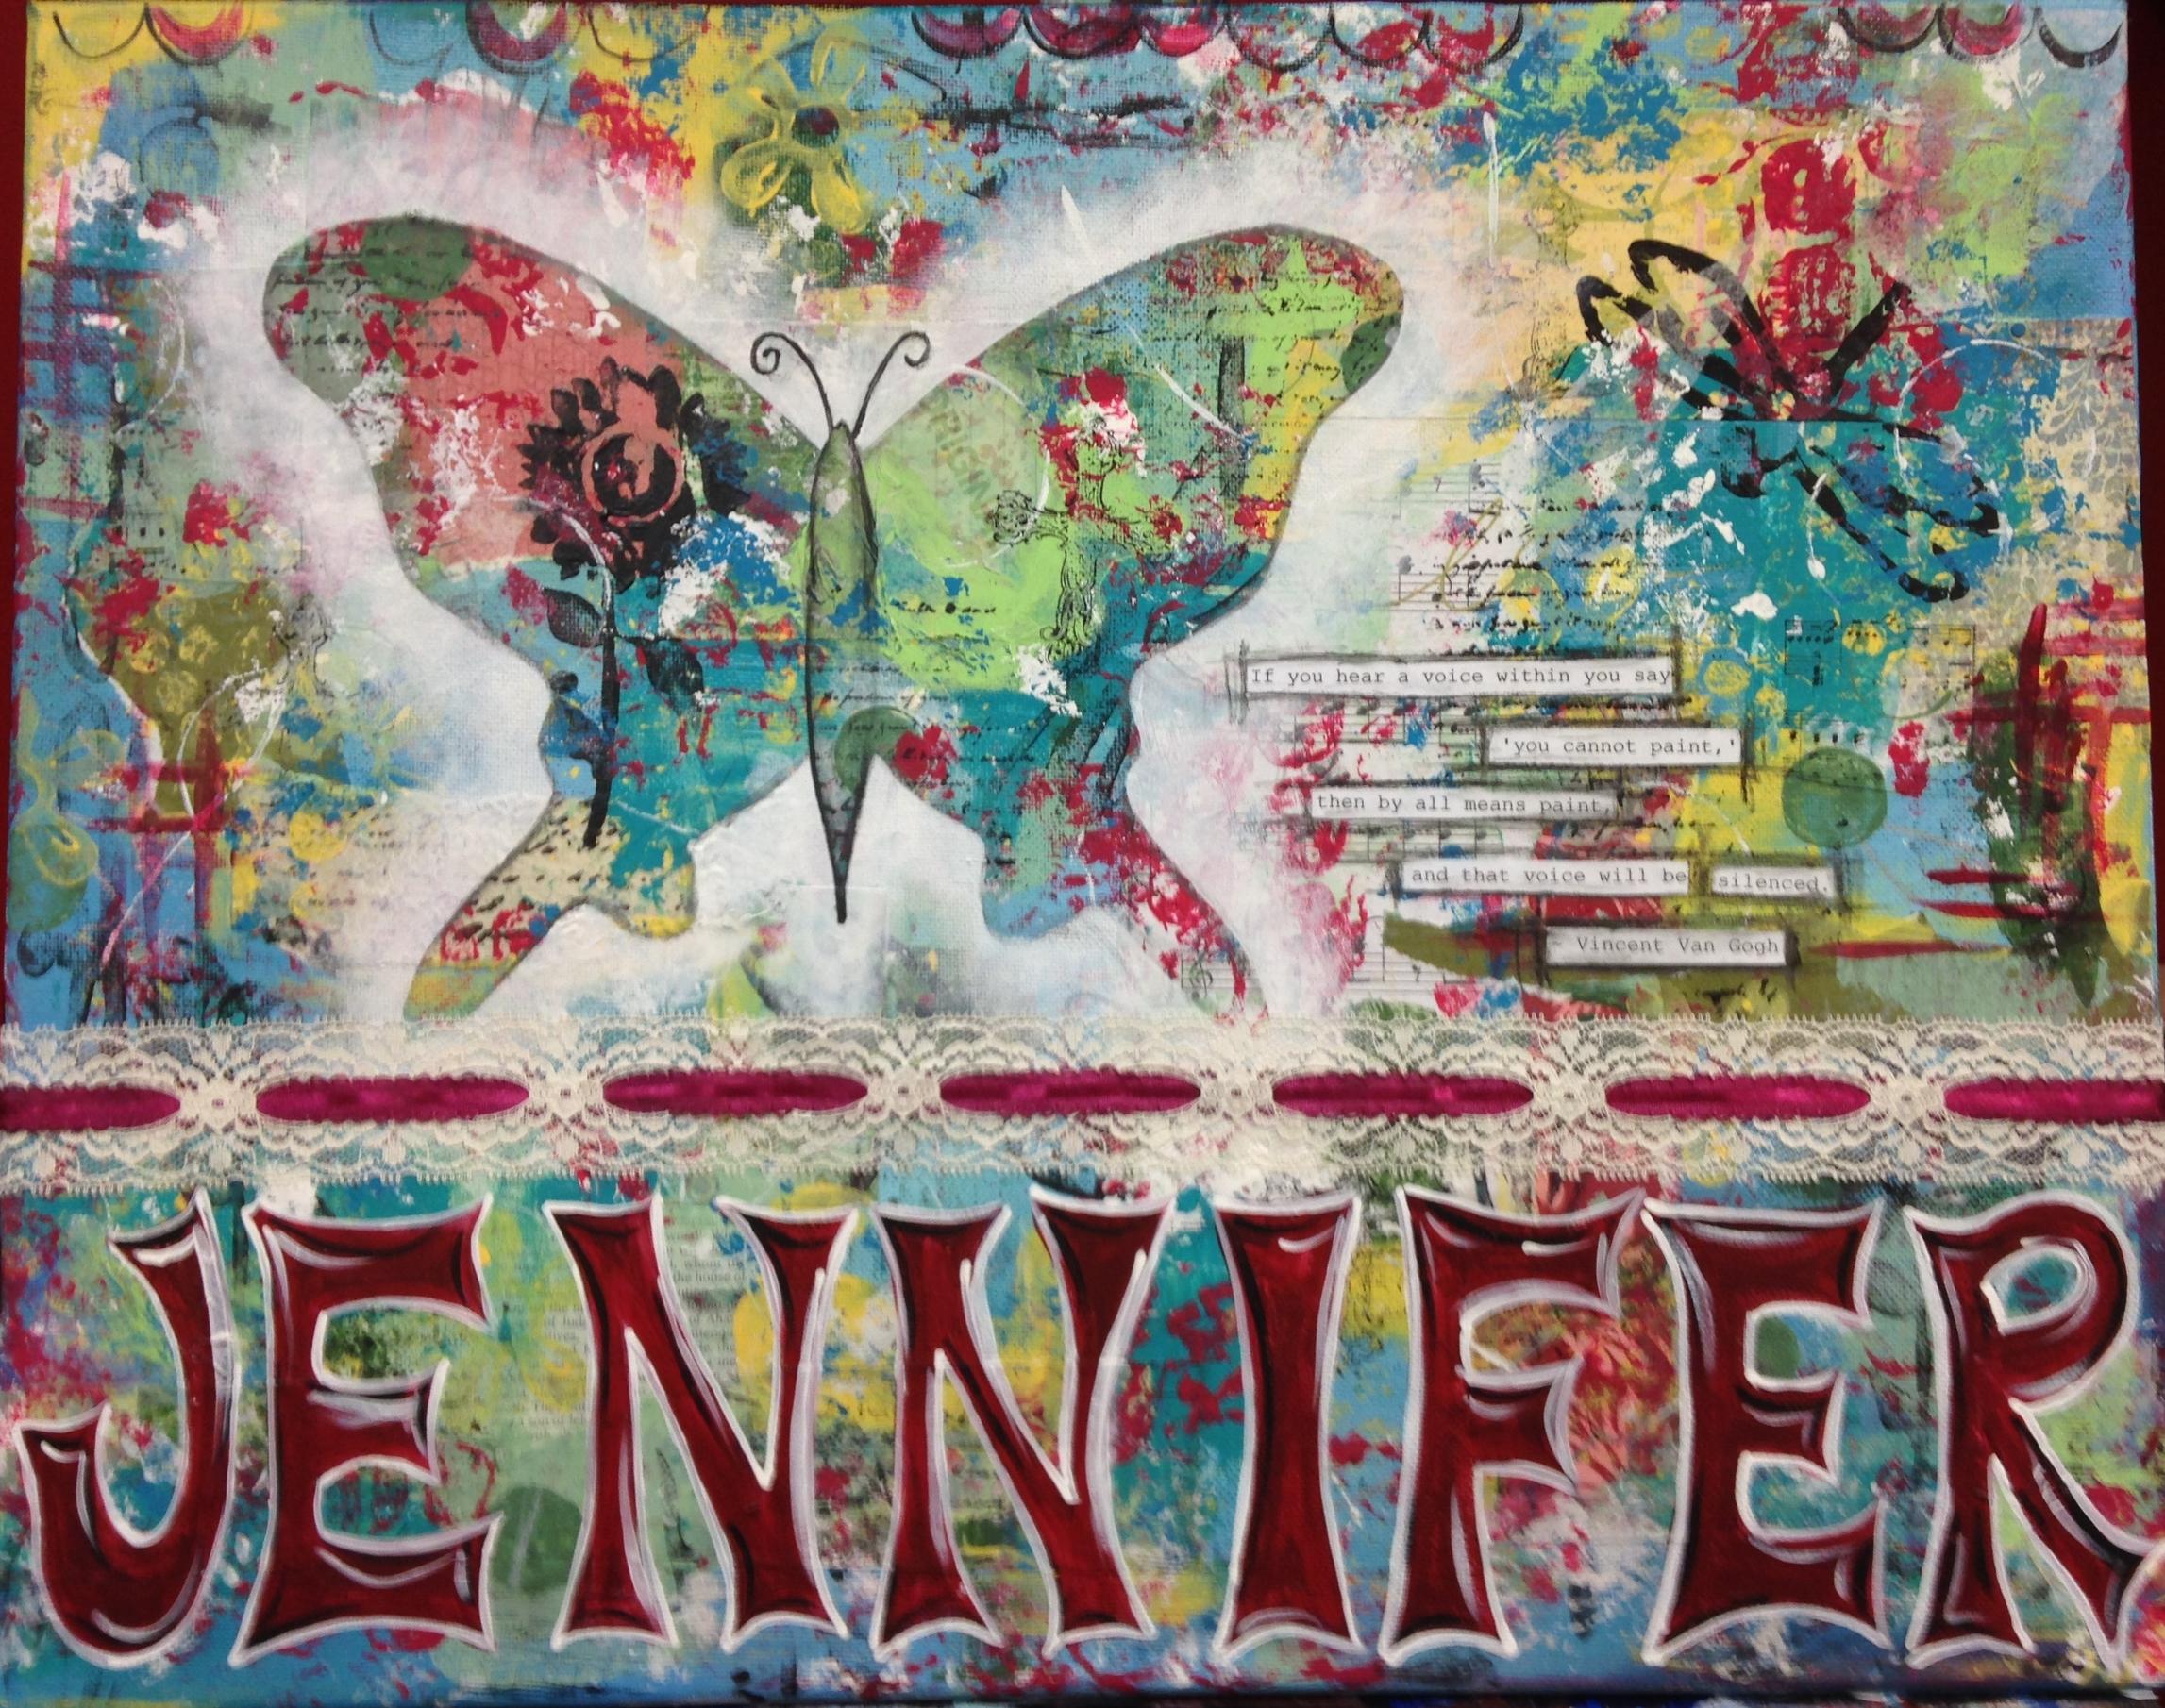 Mixed media artwork by Jennifer Snellings